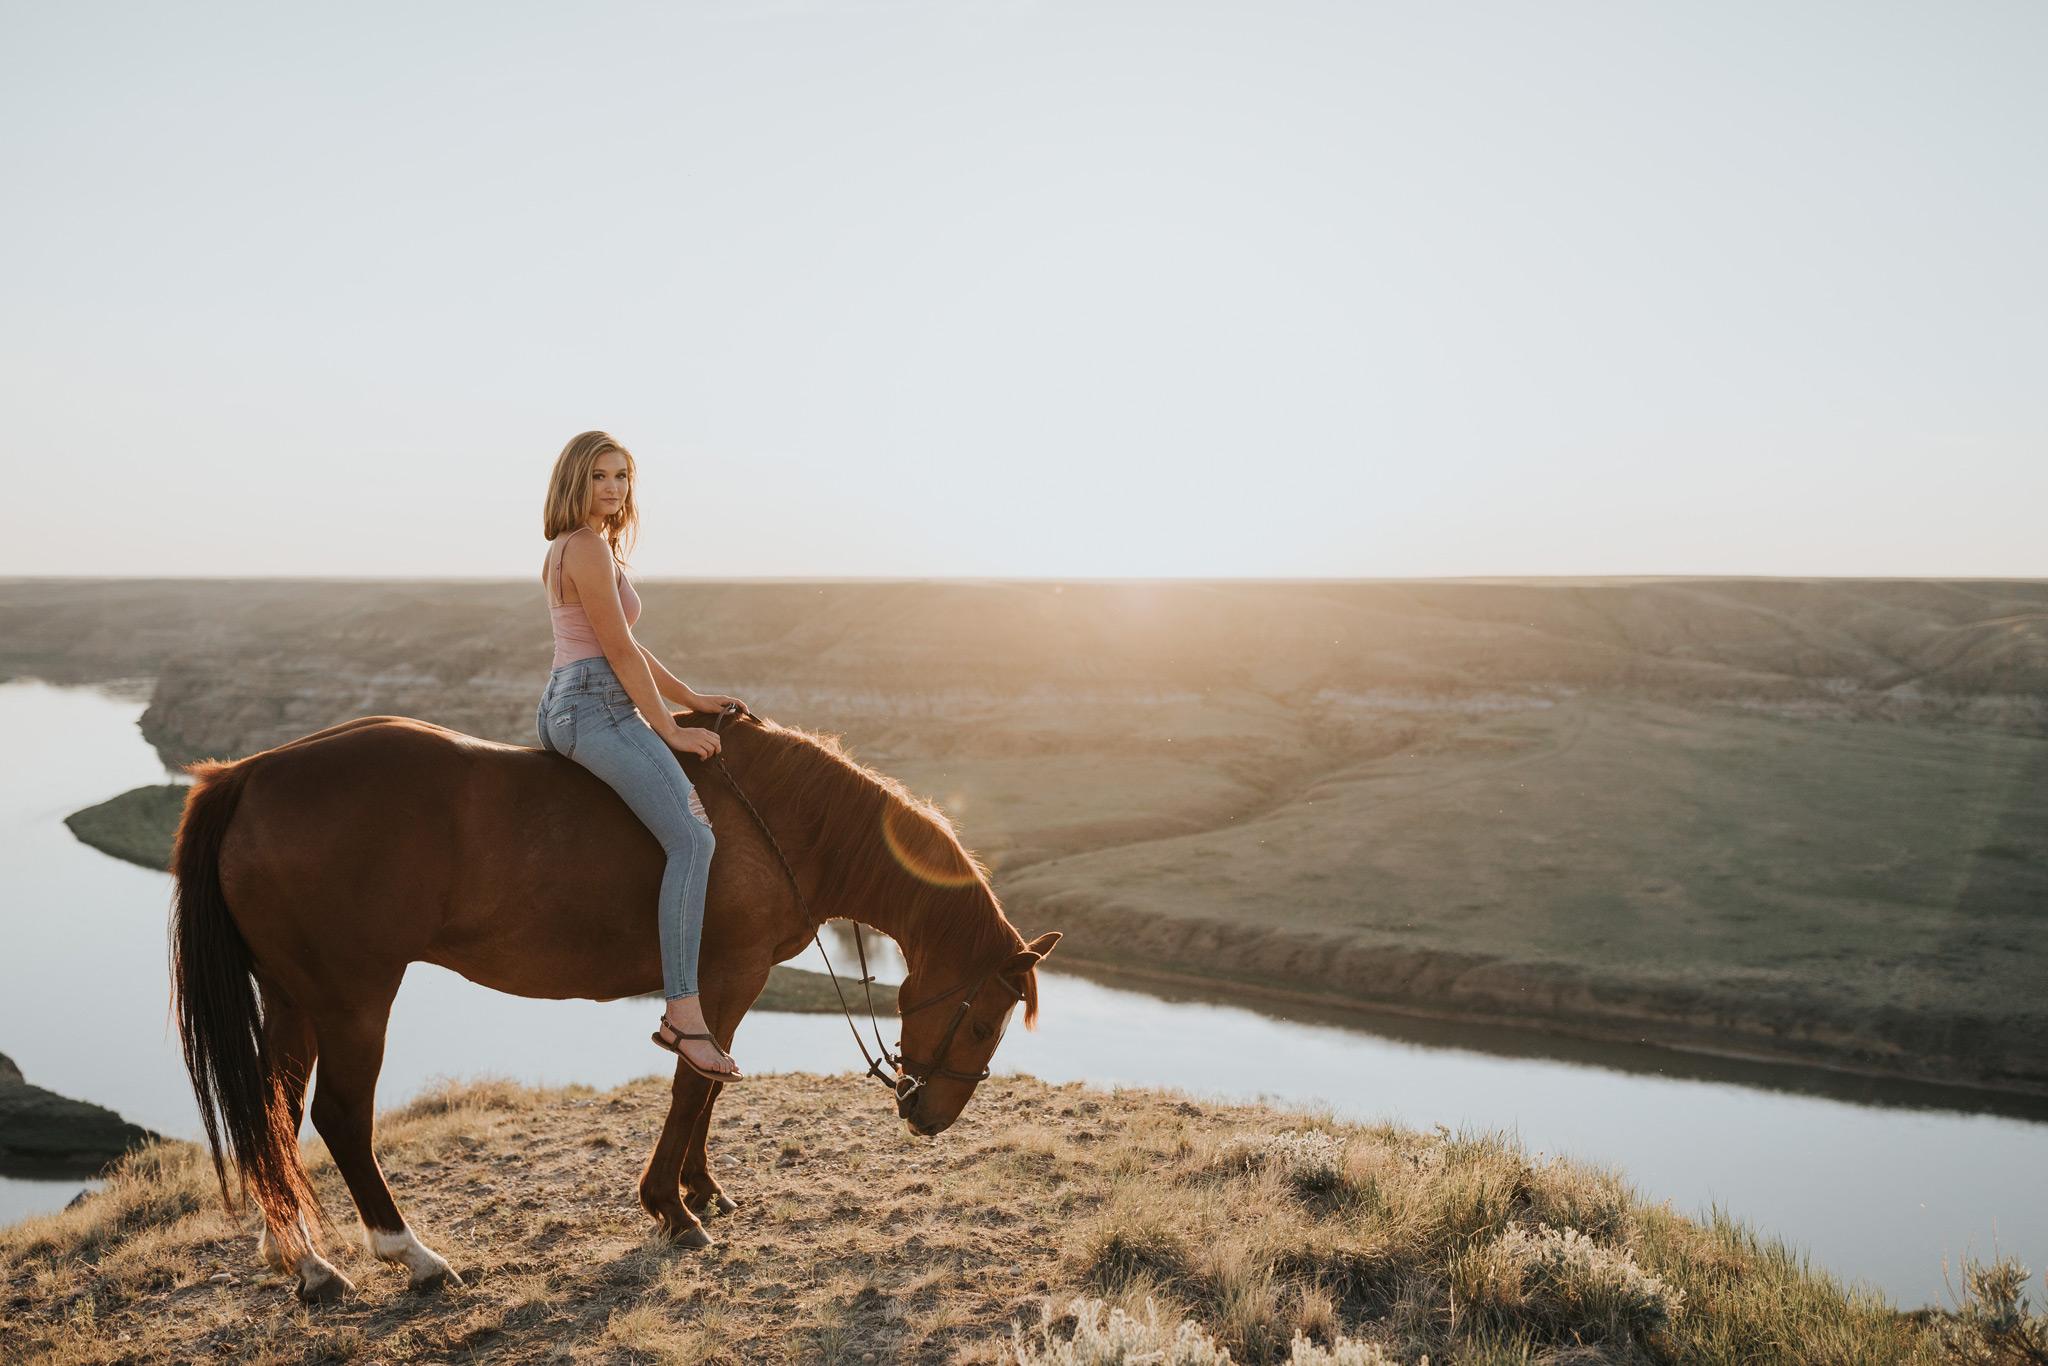 alberta sunset girl on horse lens flare